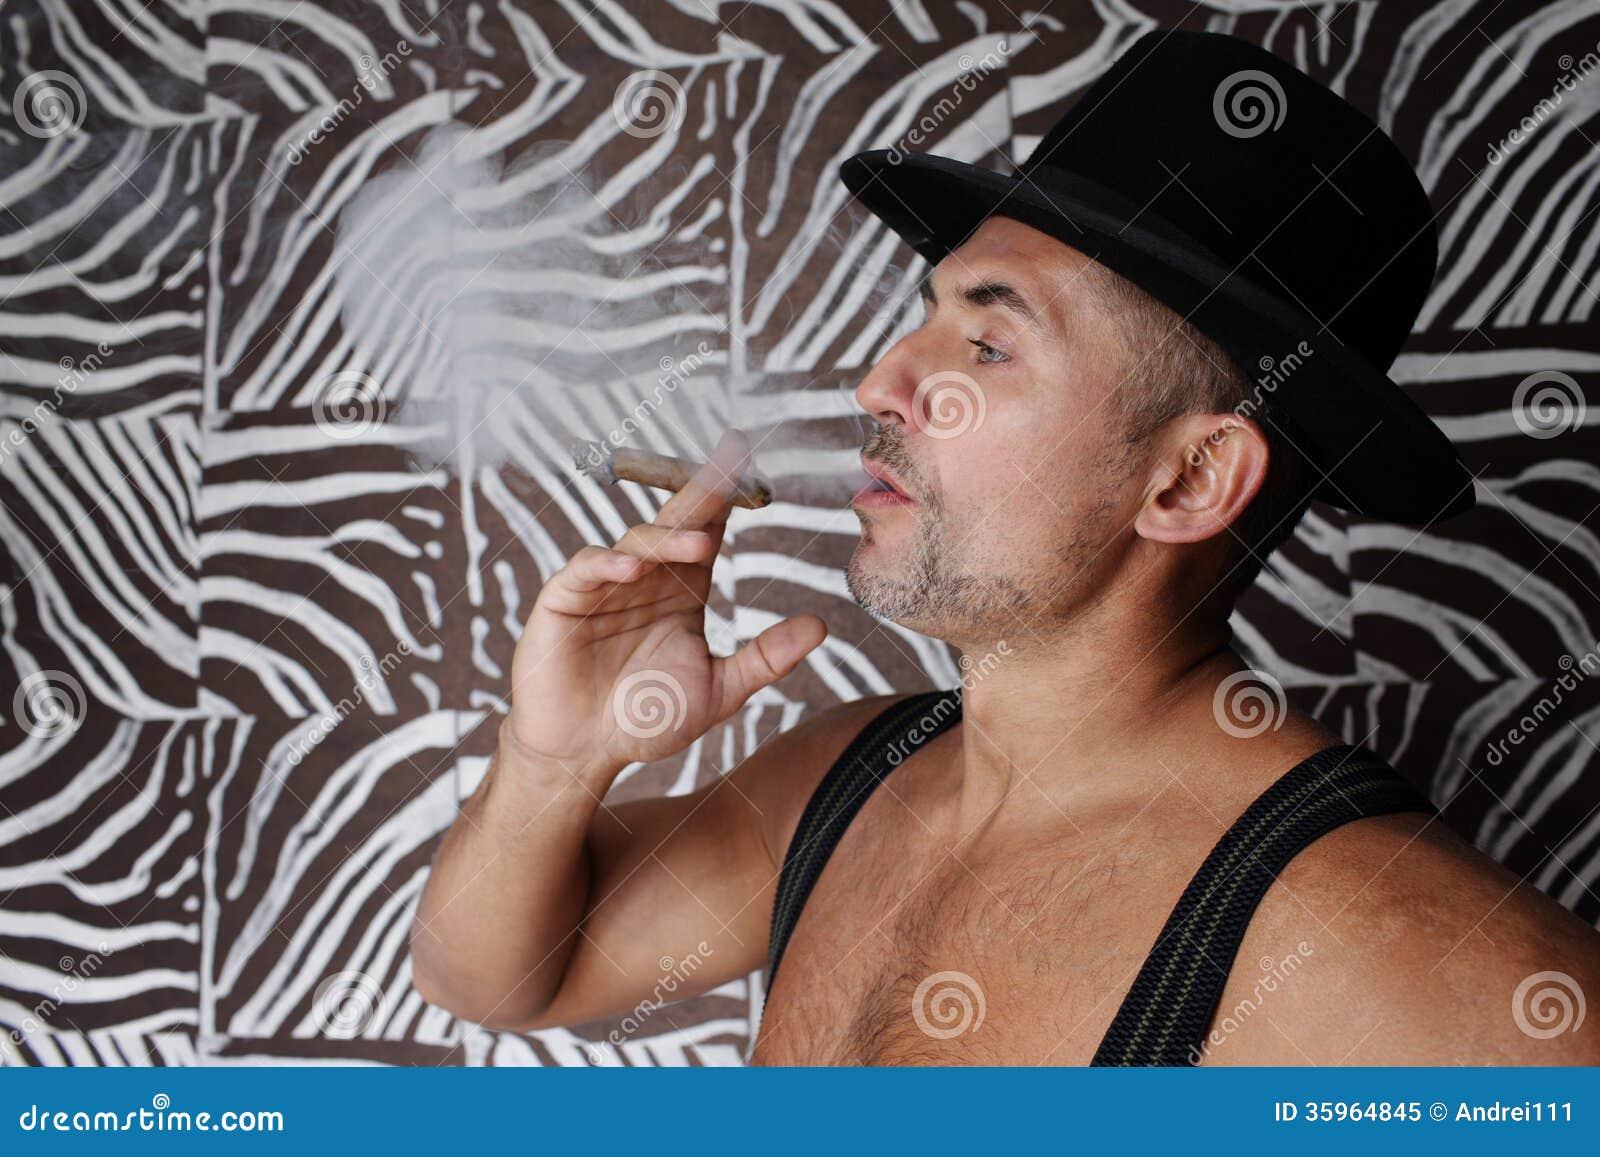 Vicio de fumar